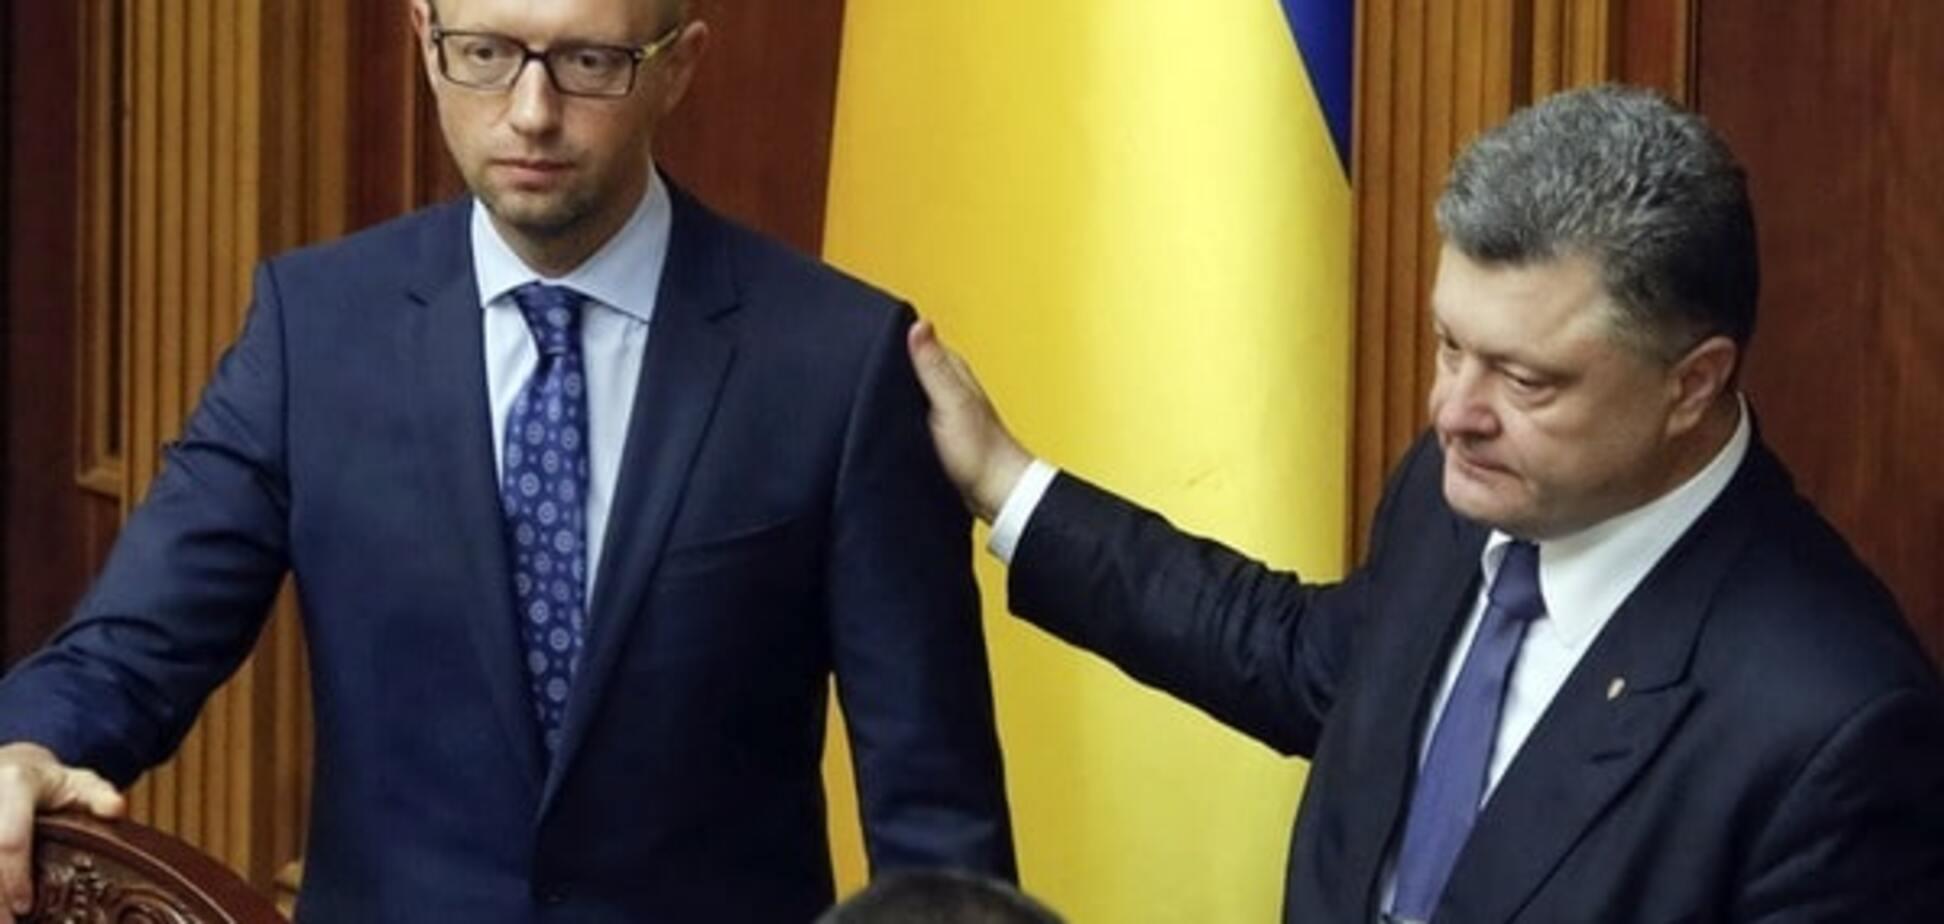 Обновить Раду: эксперт рассказал, как нужно менять Яценюка